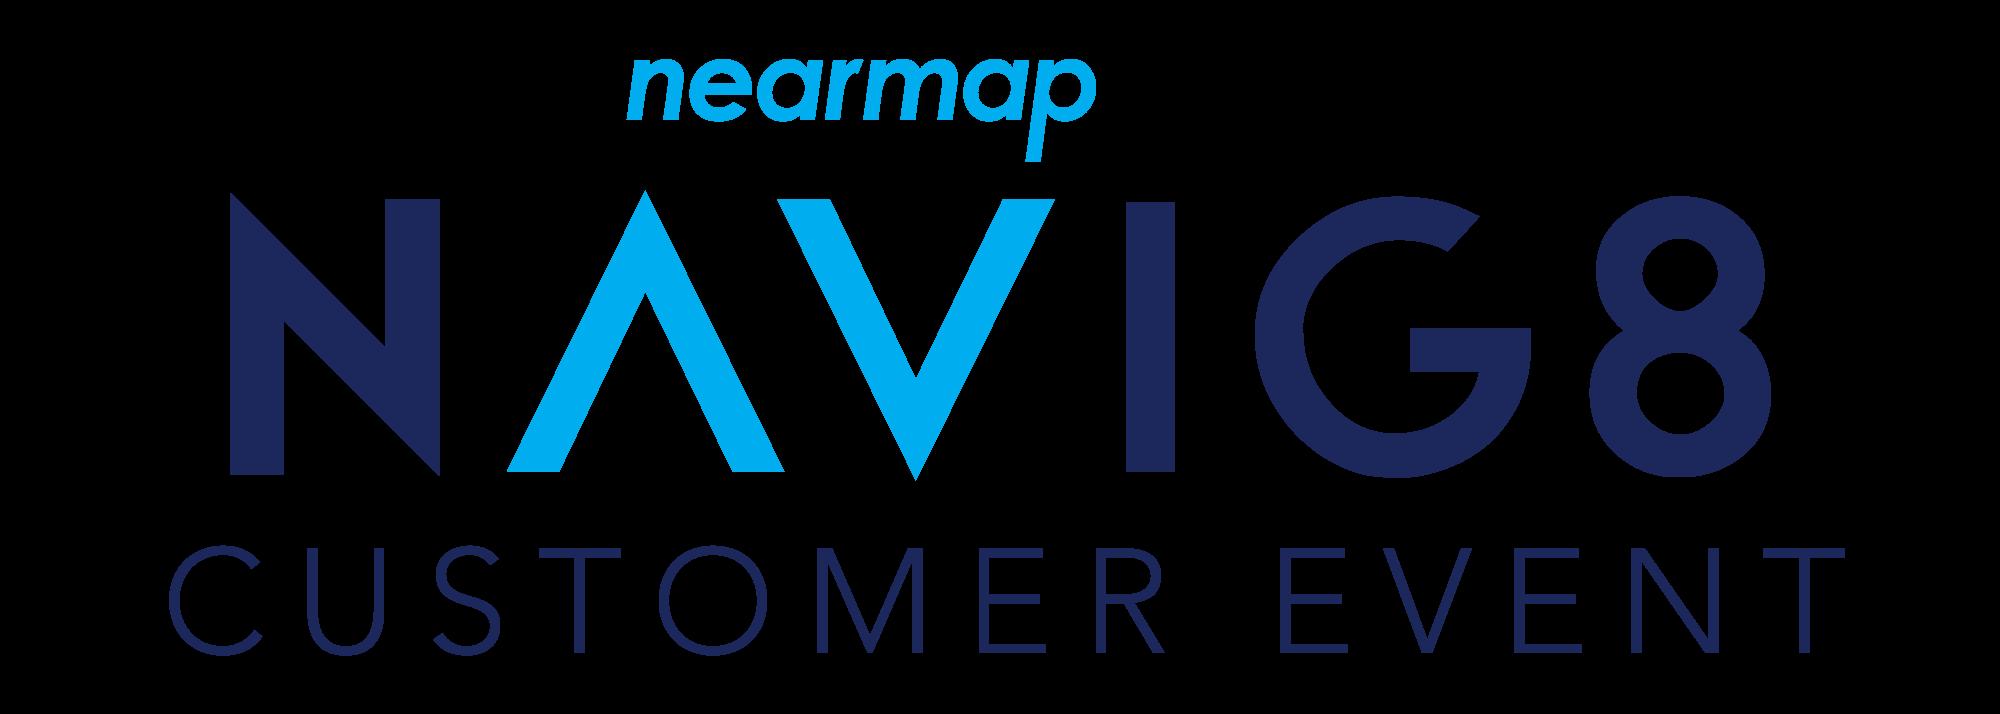 Nearmap Navig8